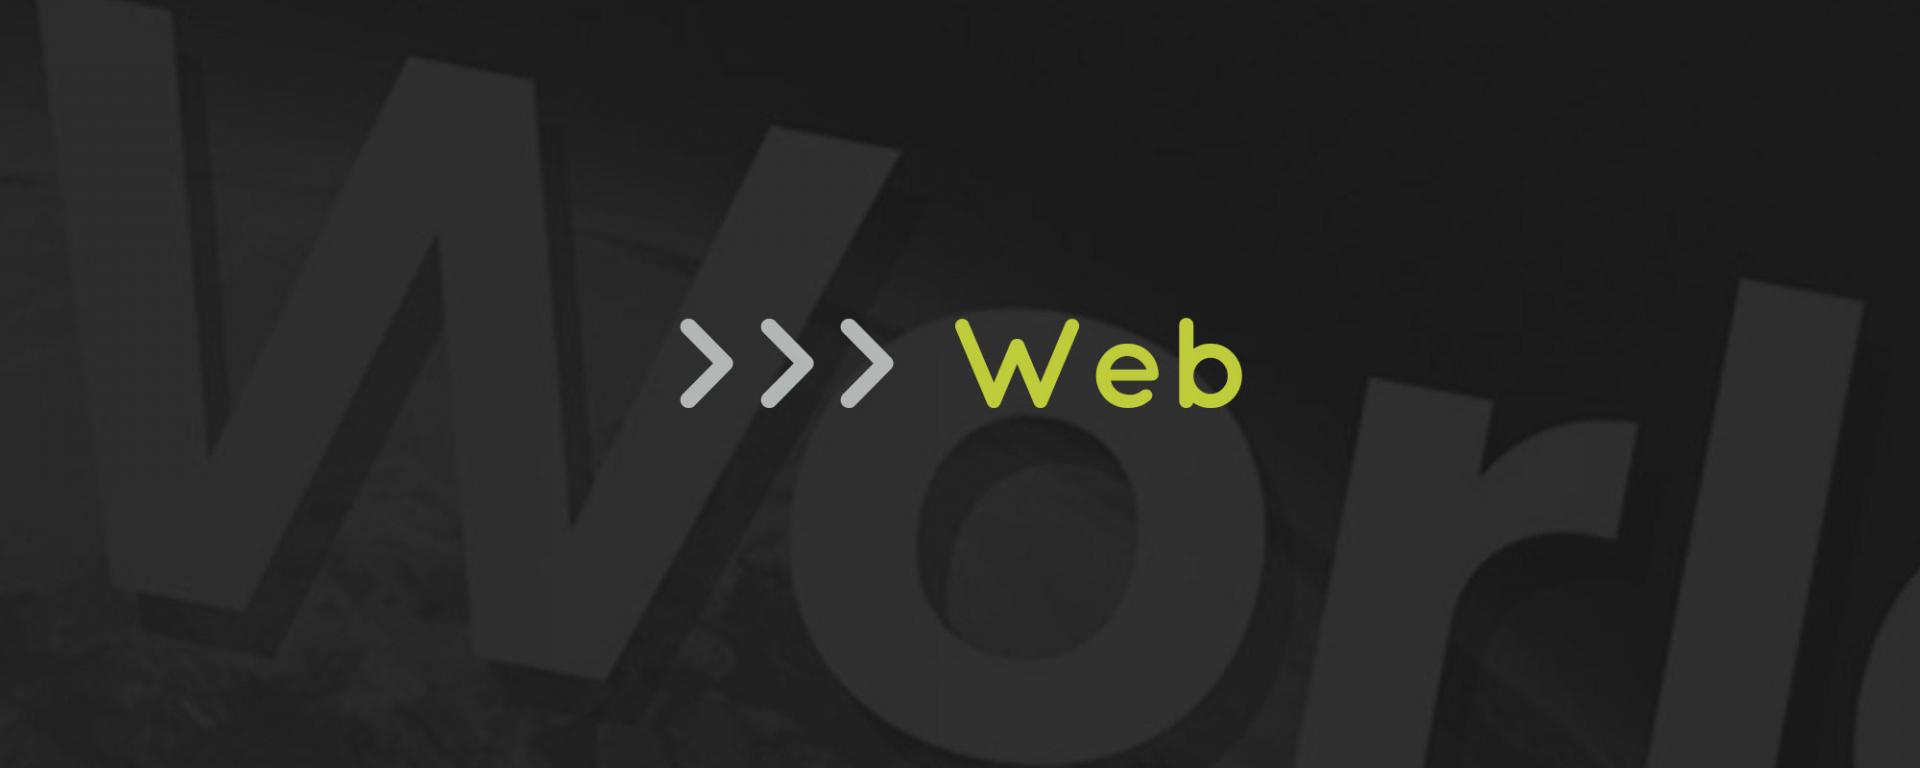 Cats Media - Web